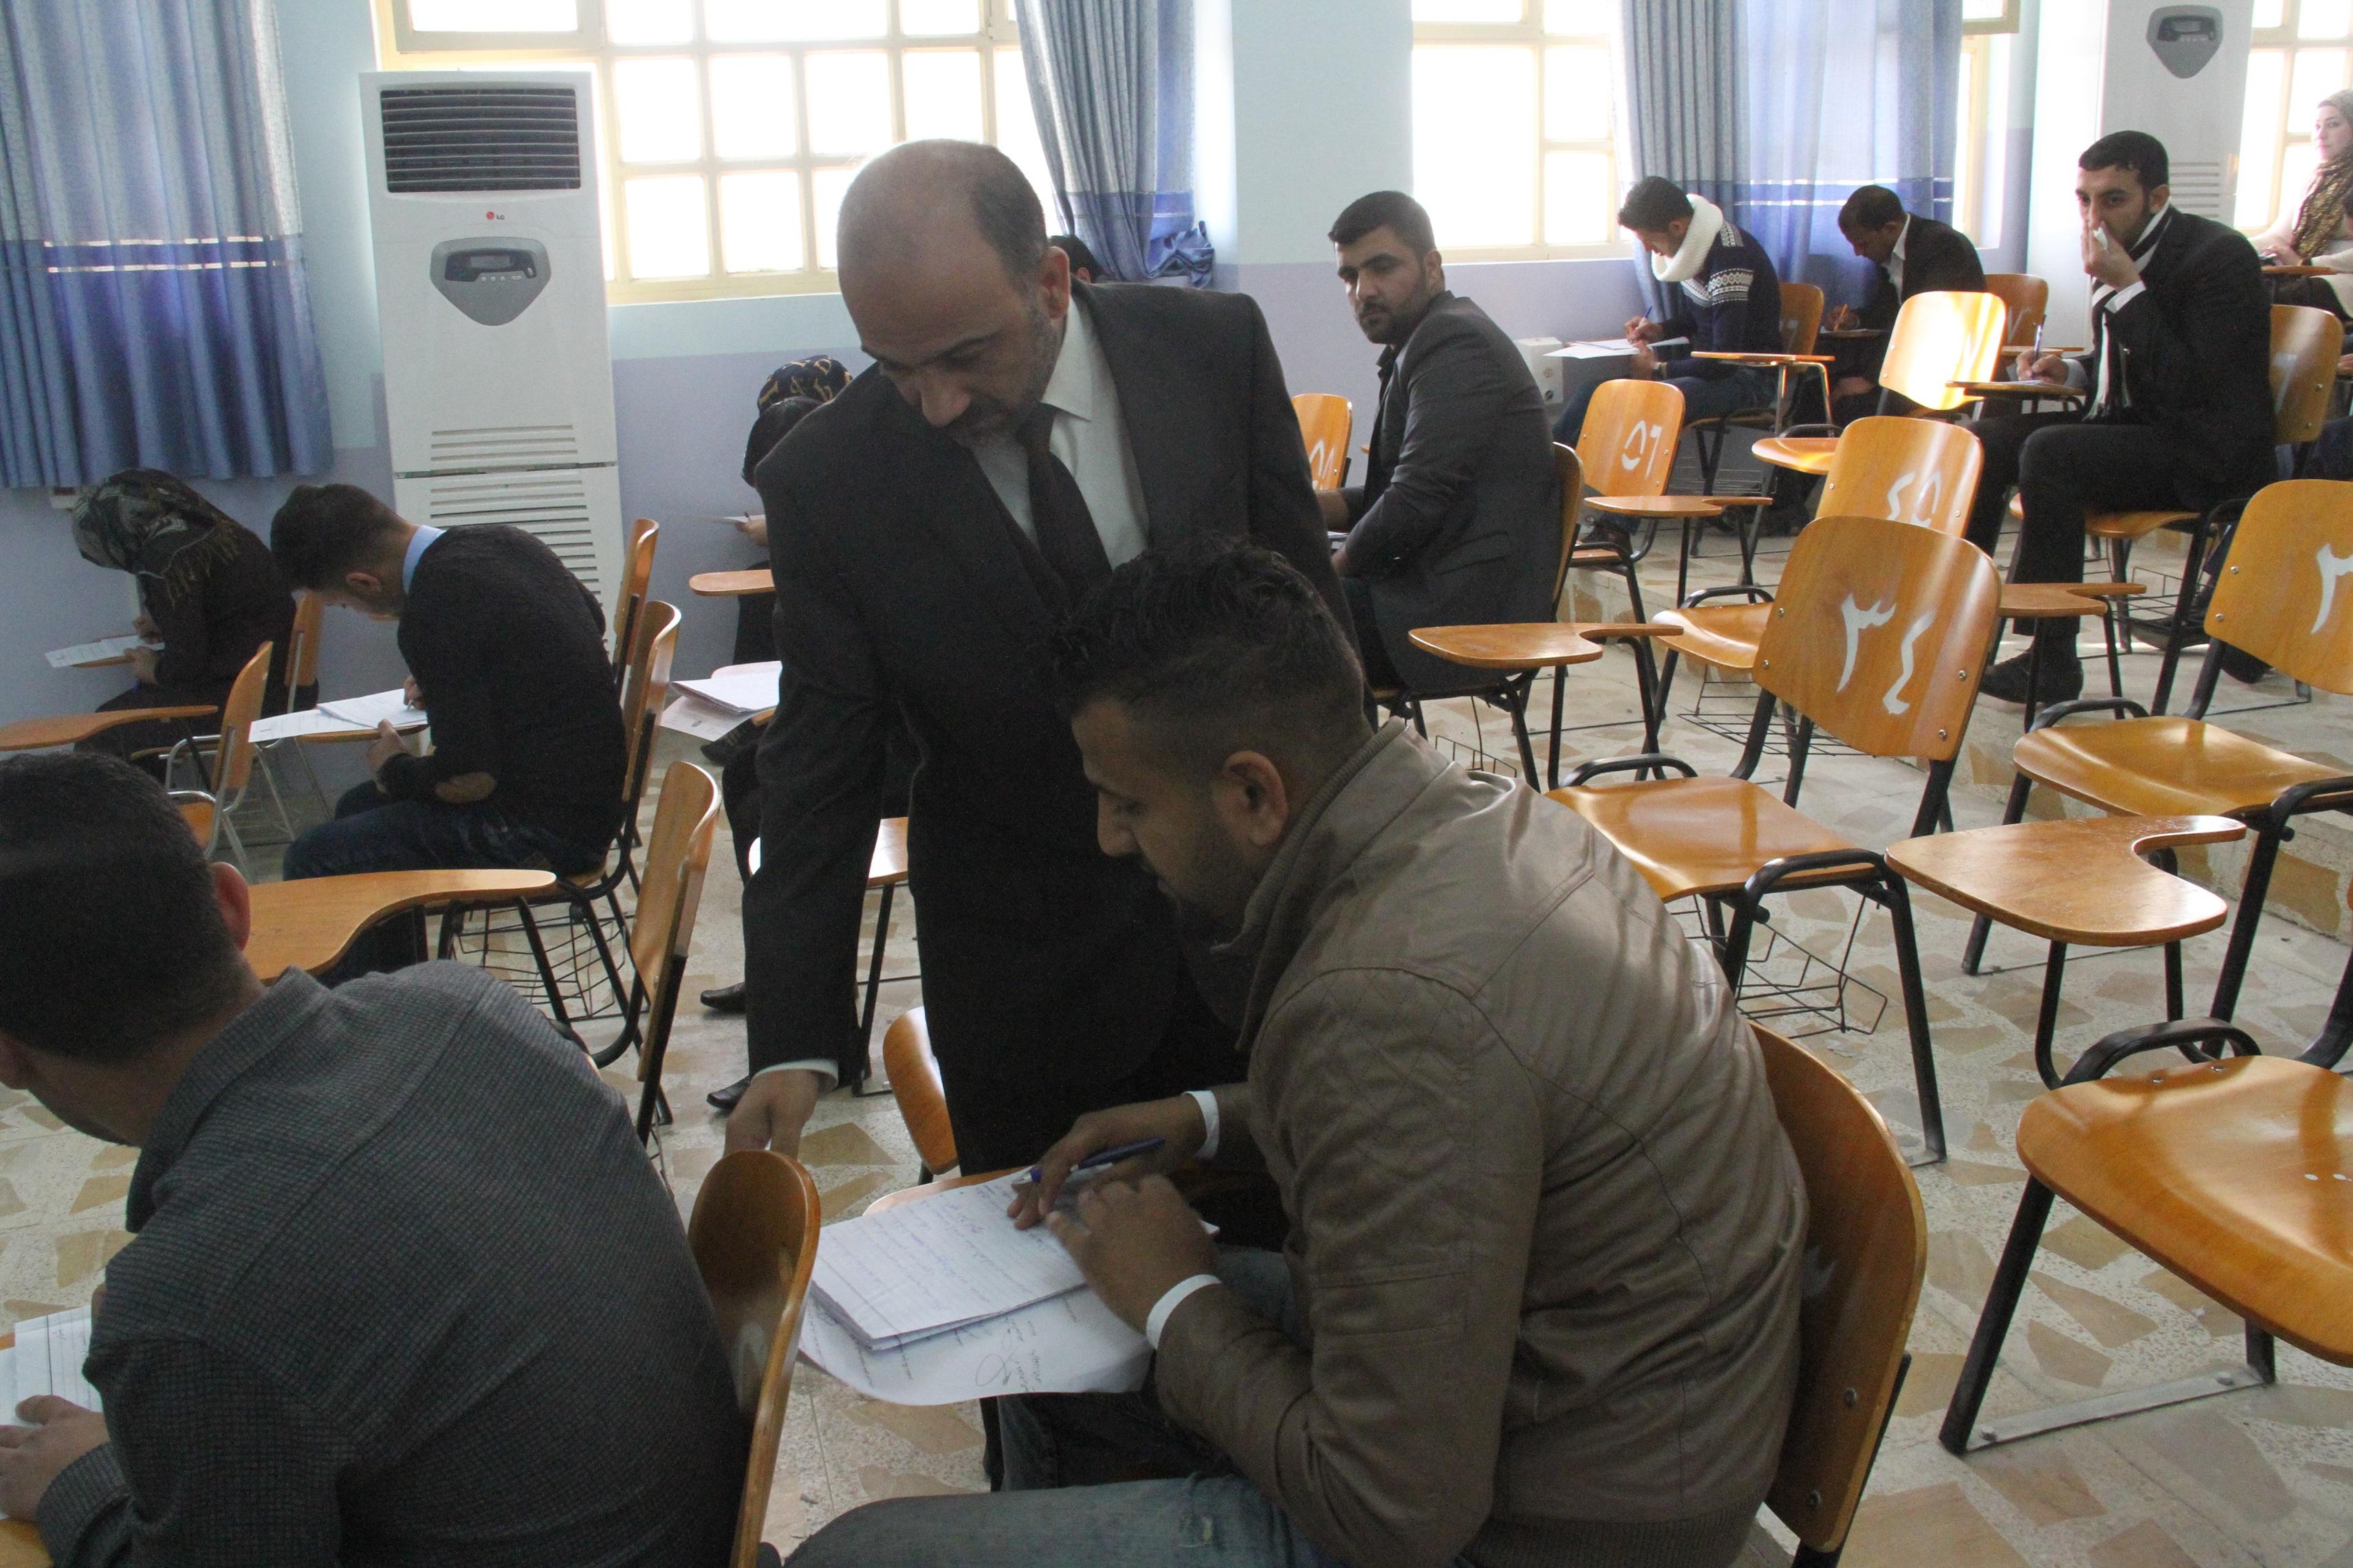 السيد عميد كلية القانون يتفقد سير امتحانات الكورس الأول للمرحلة الرابعة